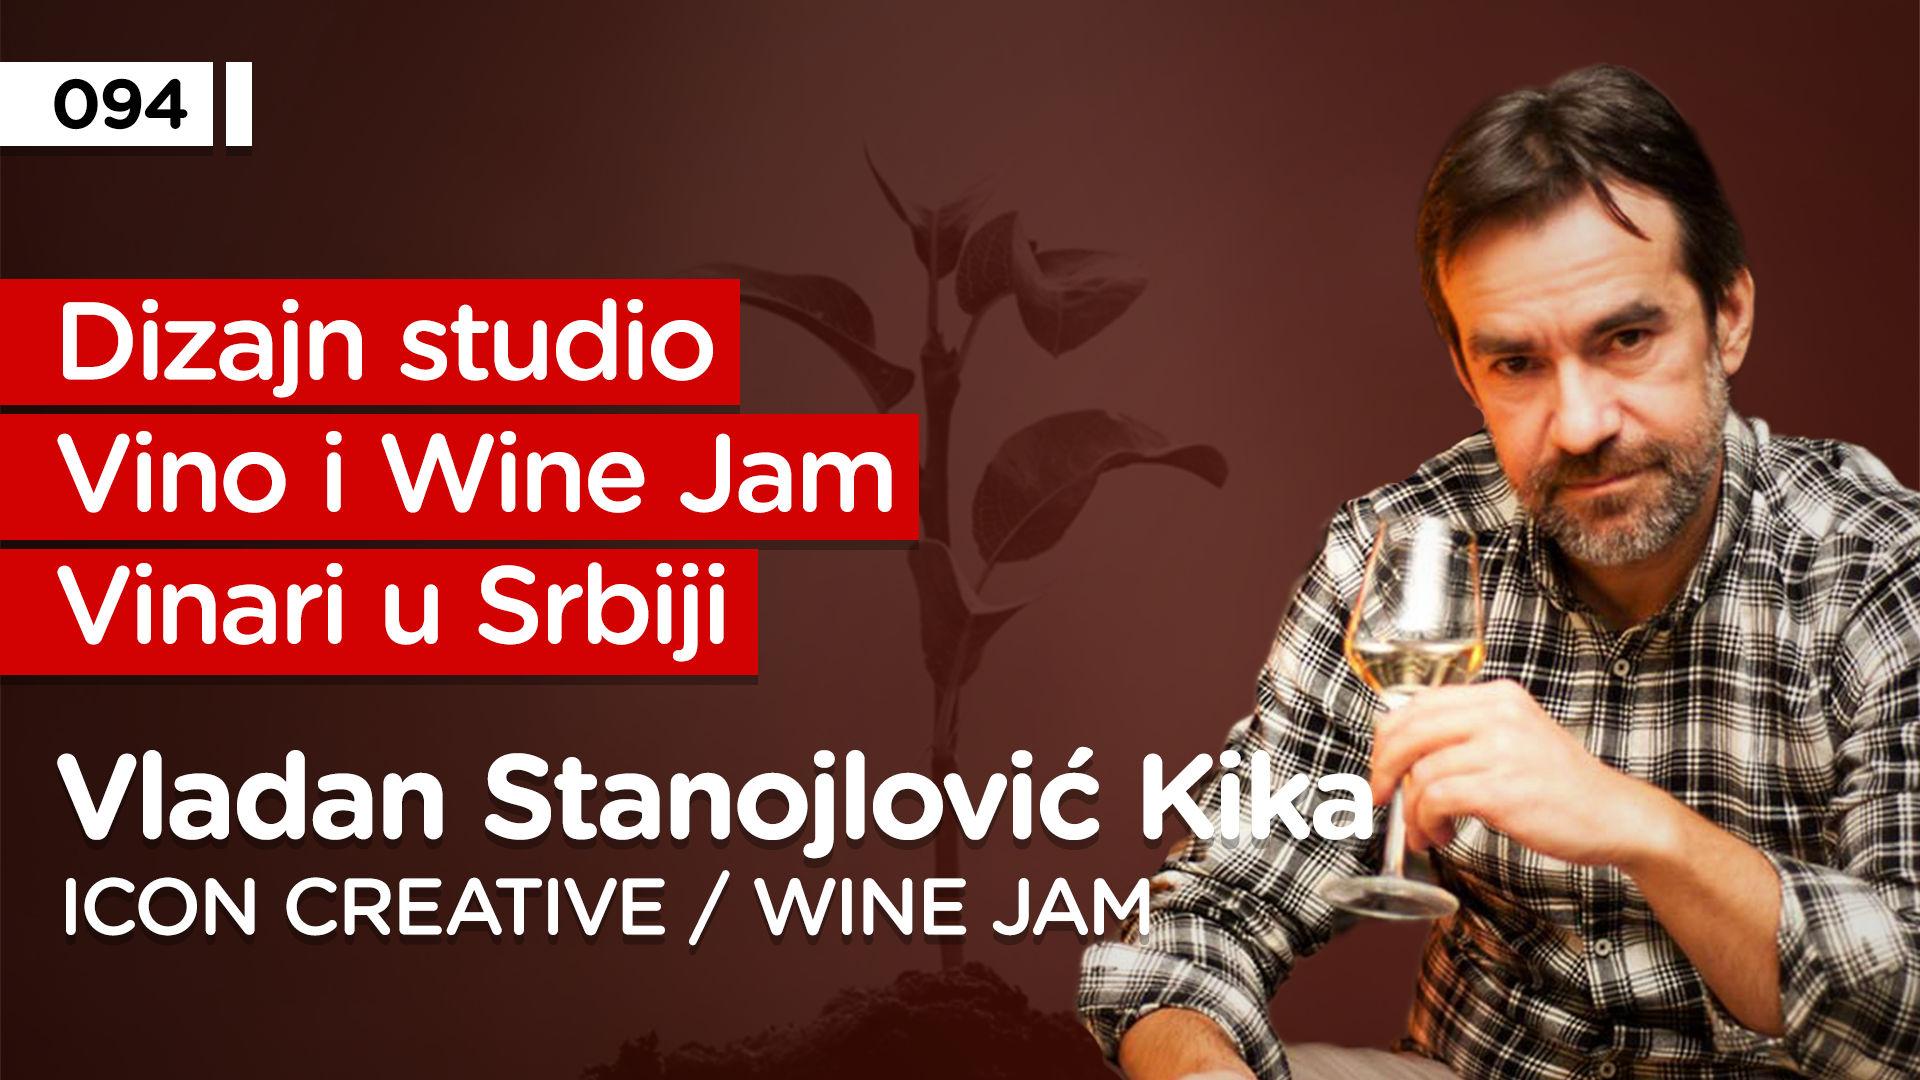 EP094: Vladan Stanojlović